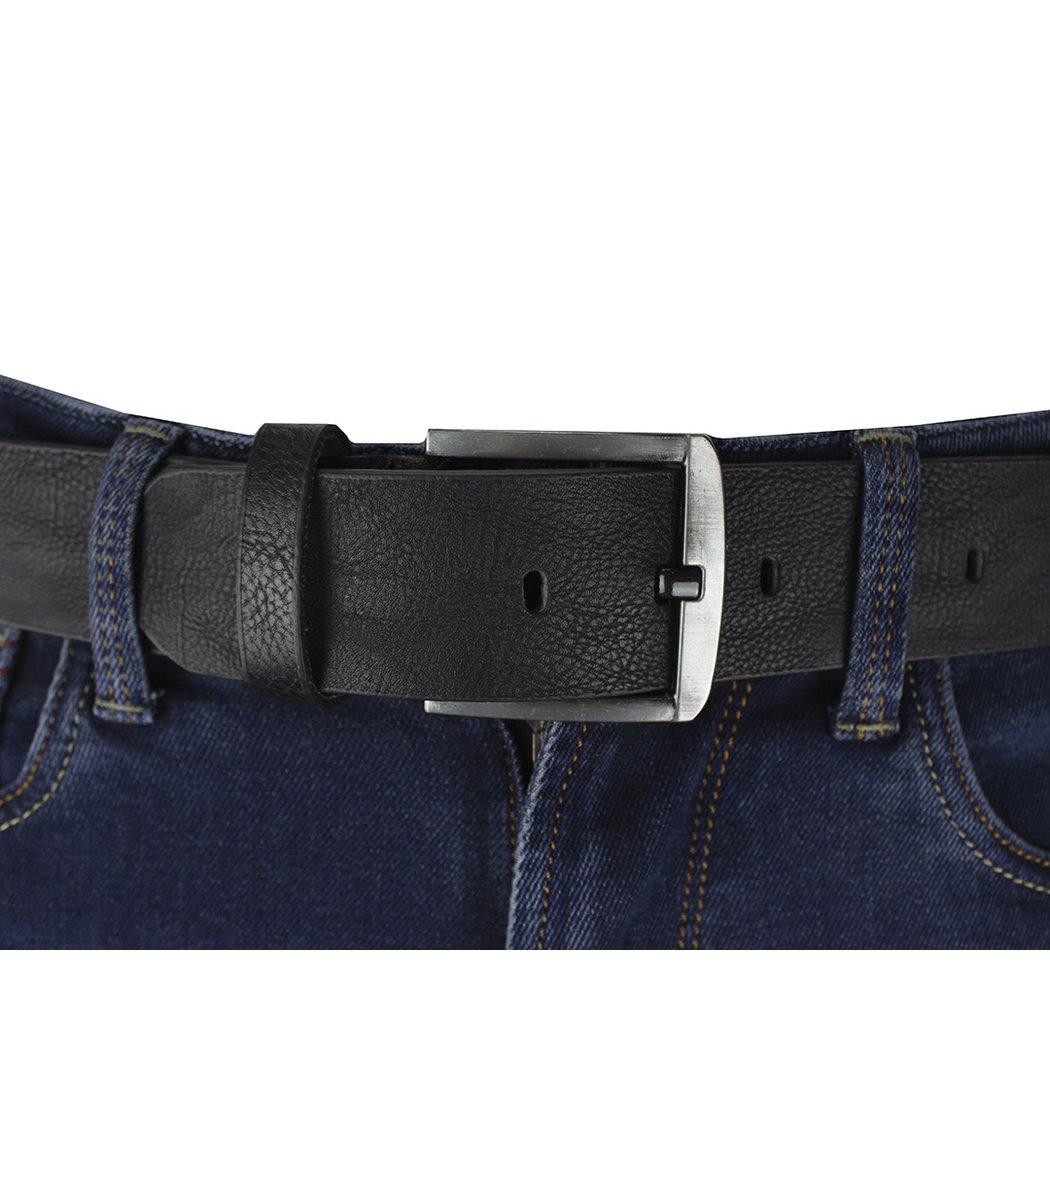 Темно-синие джинсы Paul&Shark 6828 + черный ремень